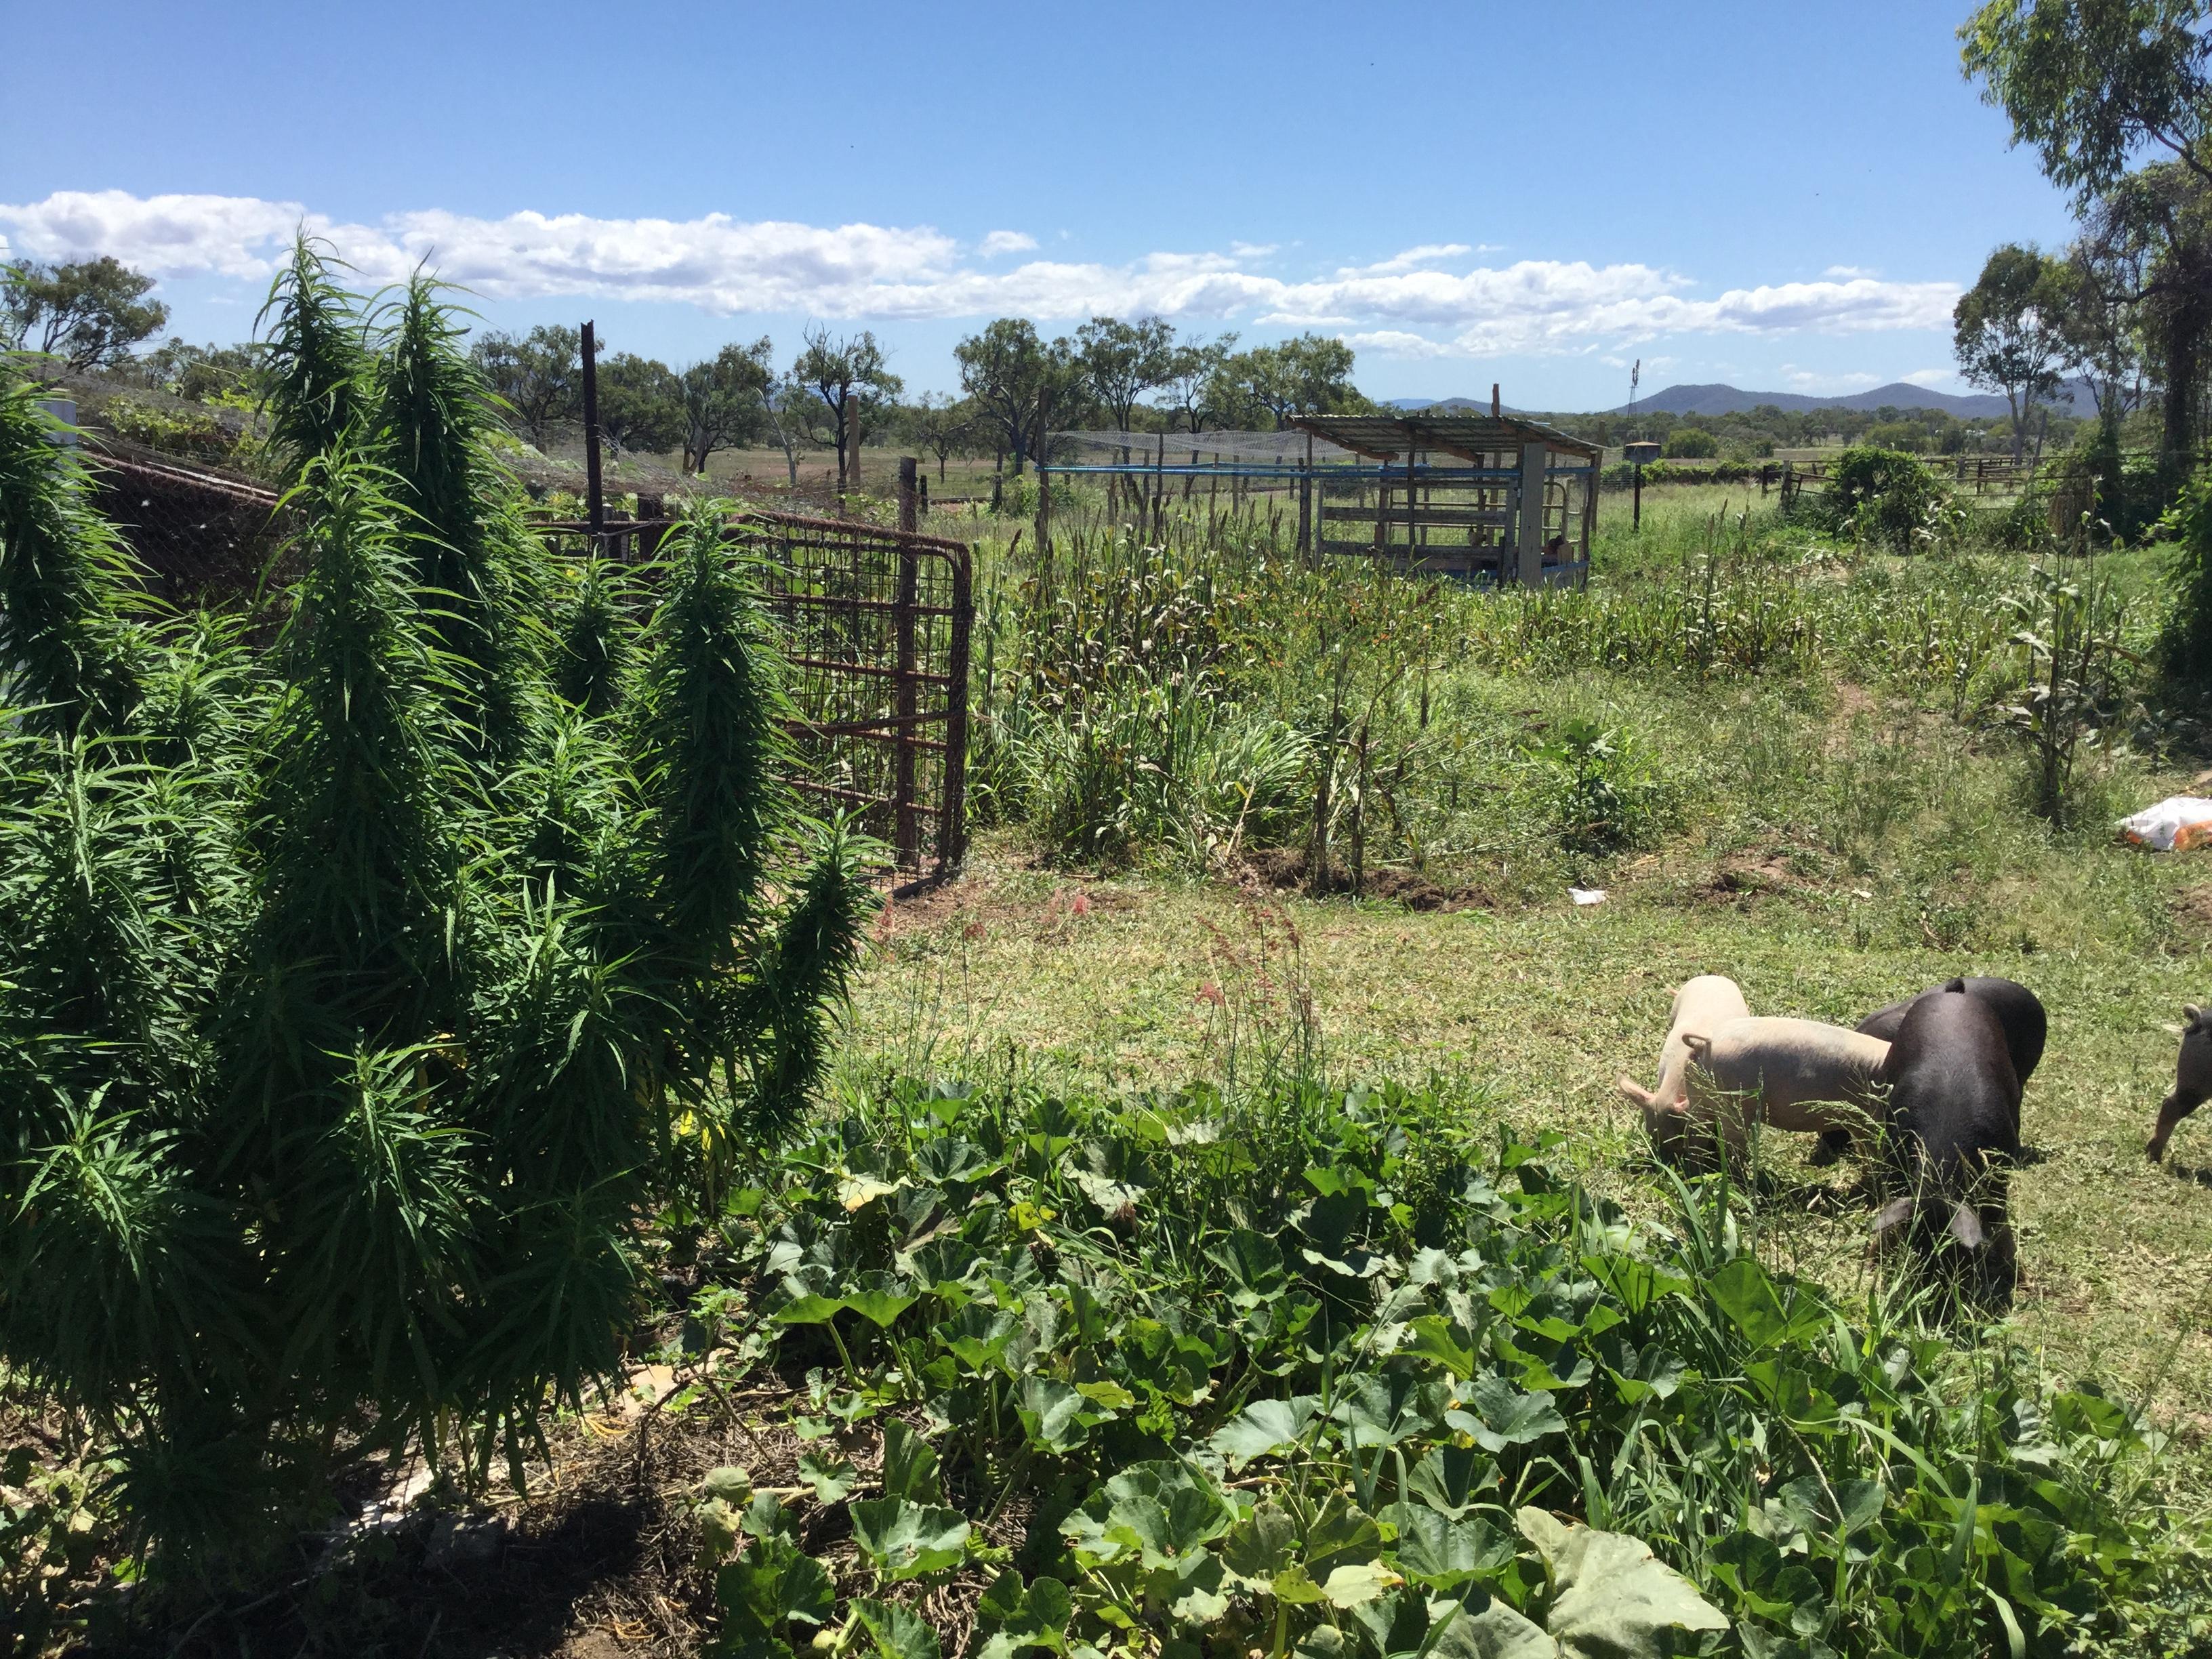 【大麻合法国一覧表付き】マリファナ(大麻)が世界的に合法化の流れだけど、身体への害について考えてみた